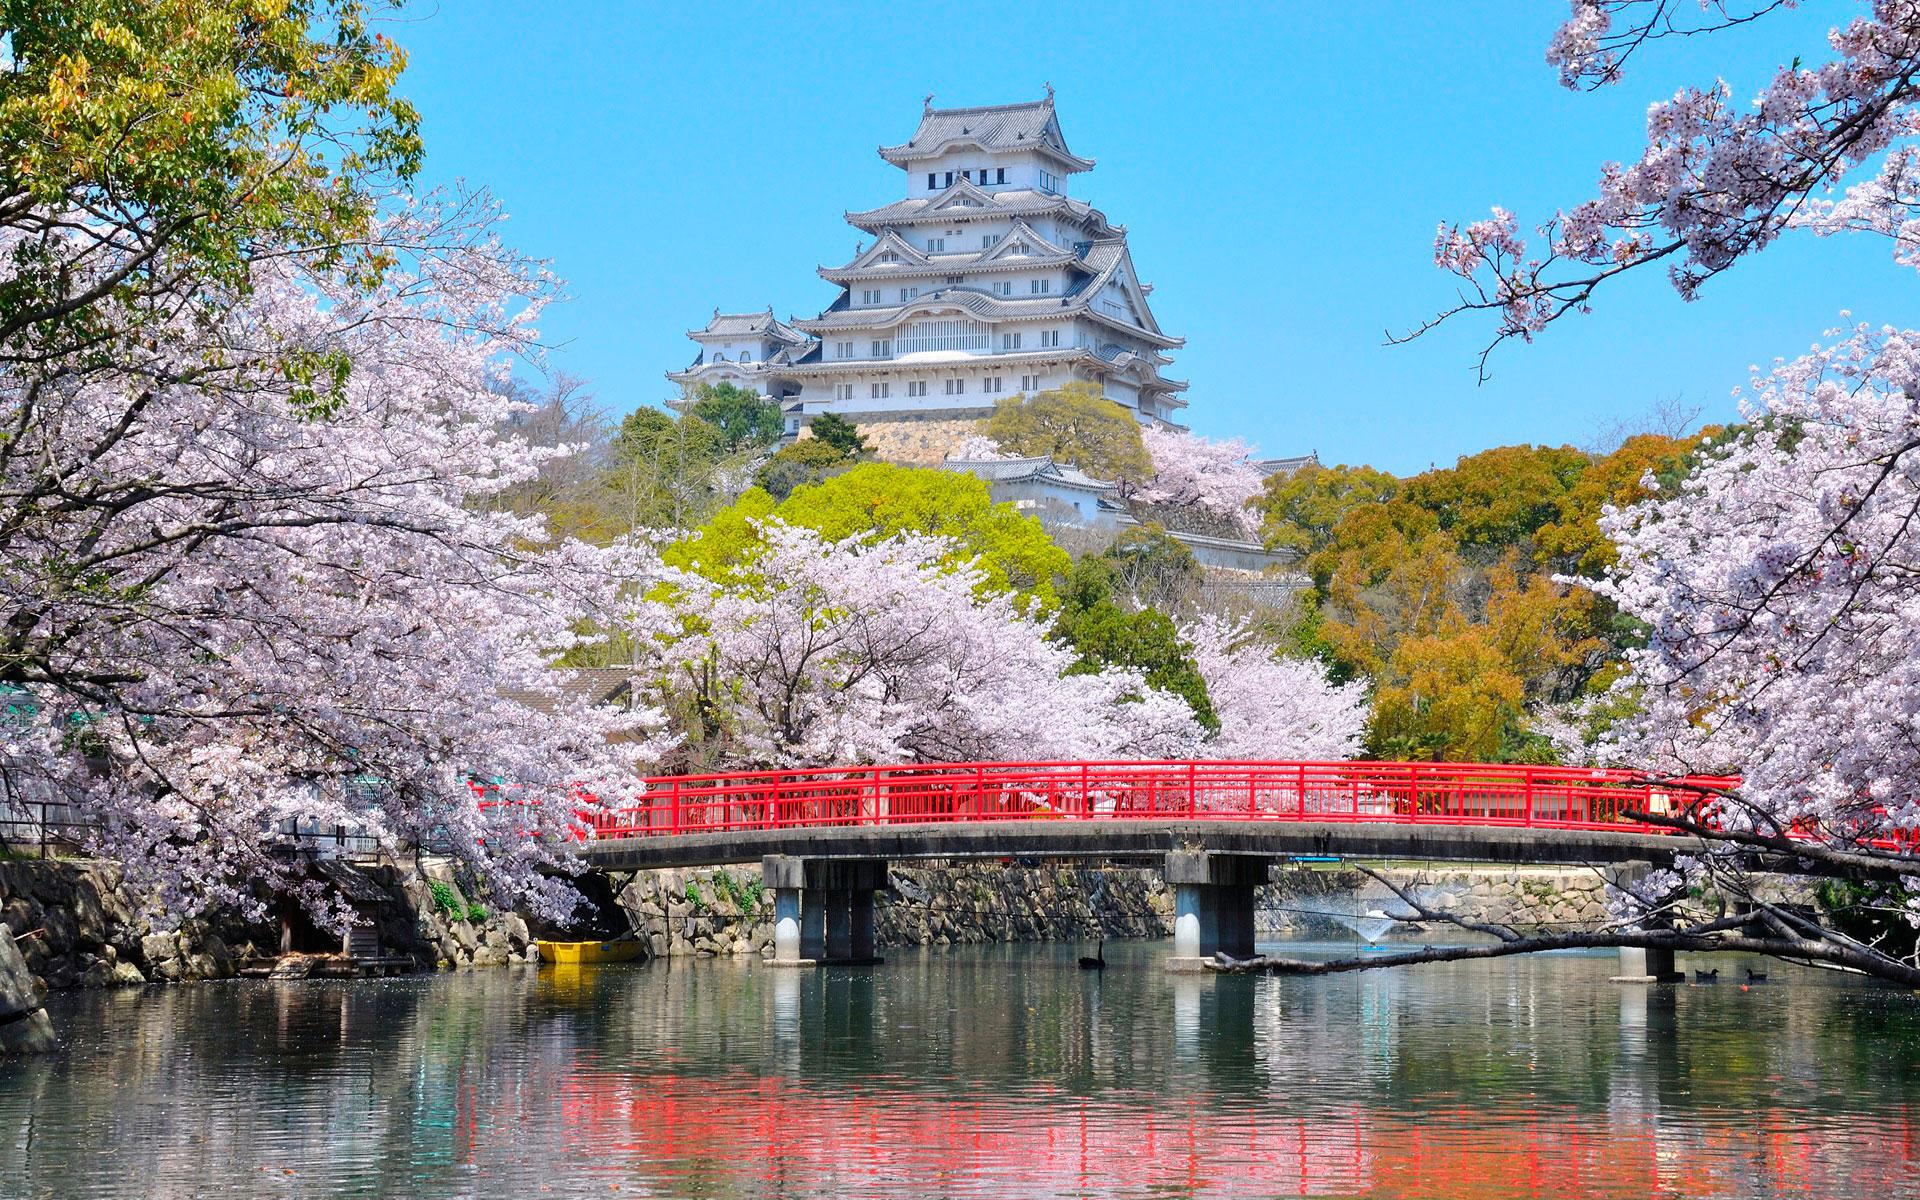 Туры в Японию из Алматы. Отдых в Японии из Алматы